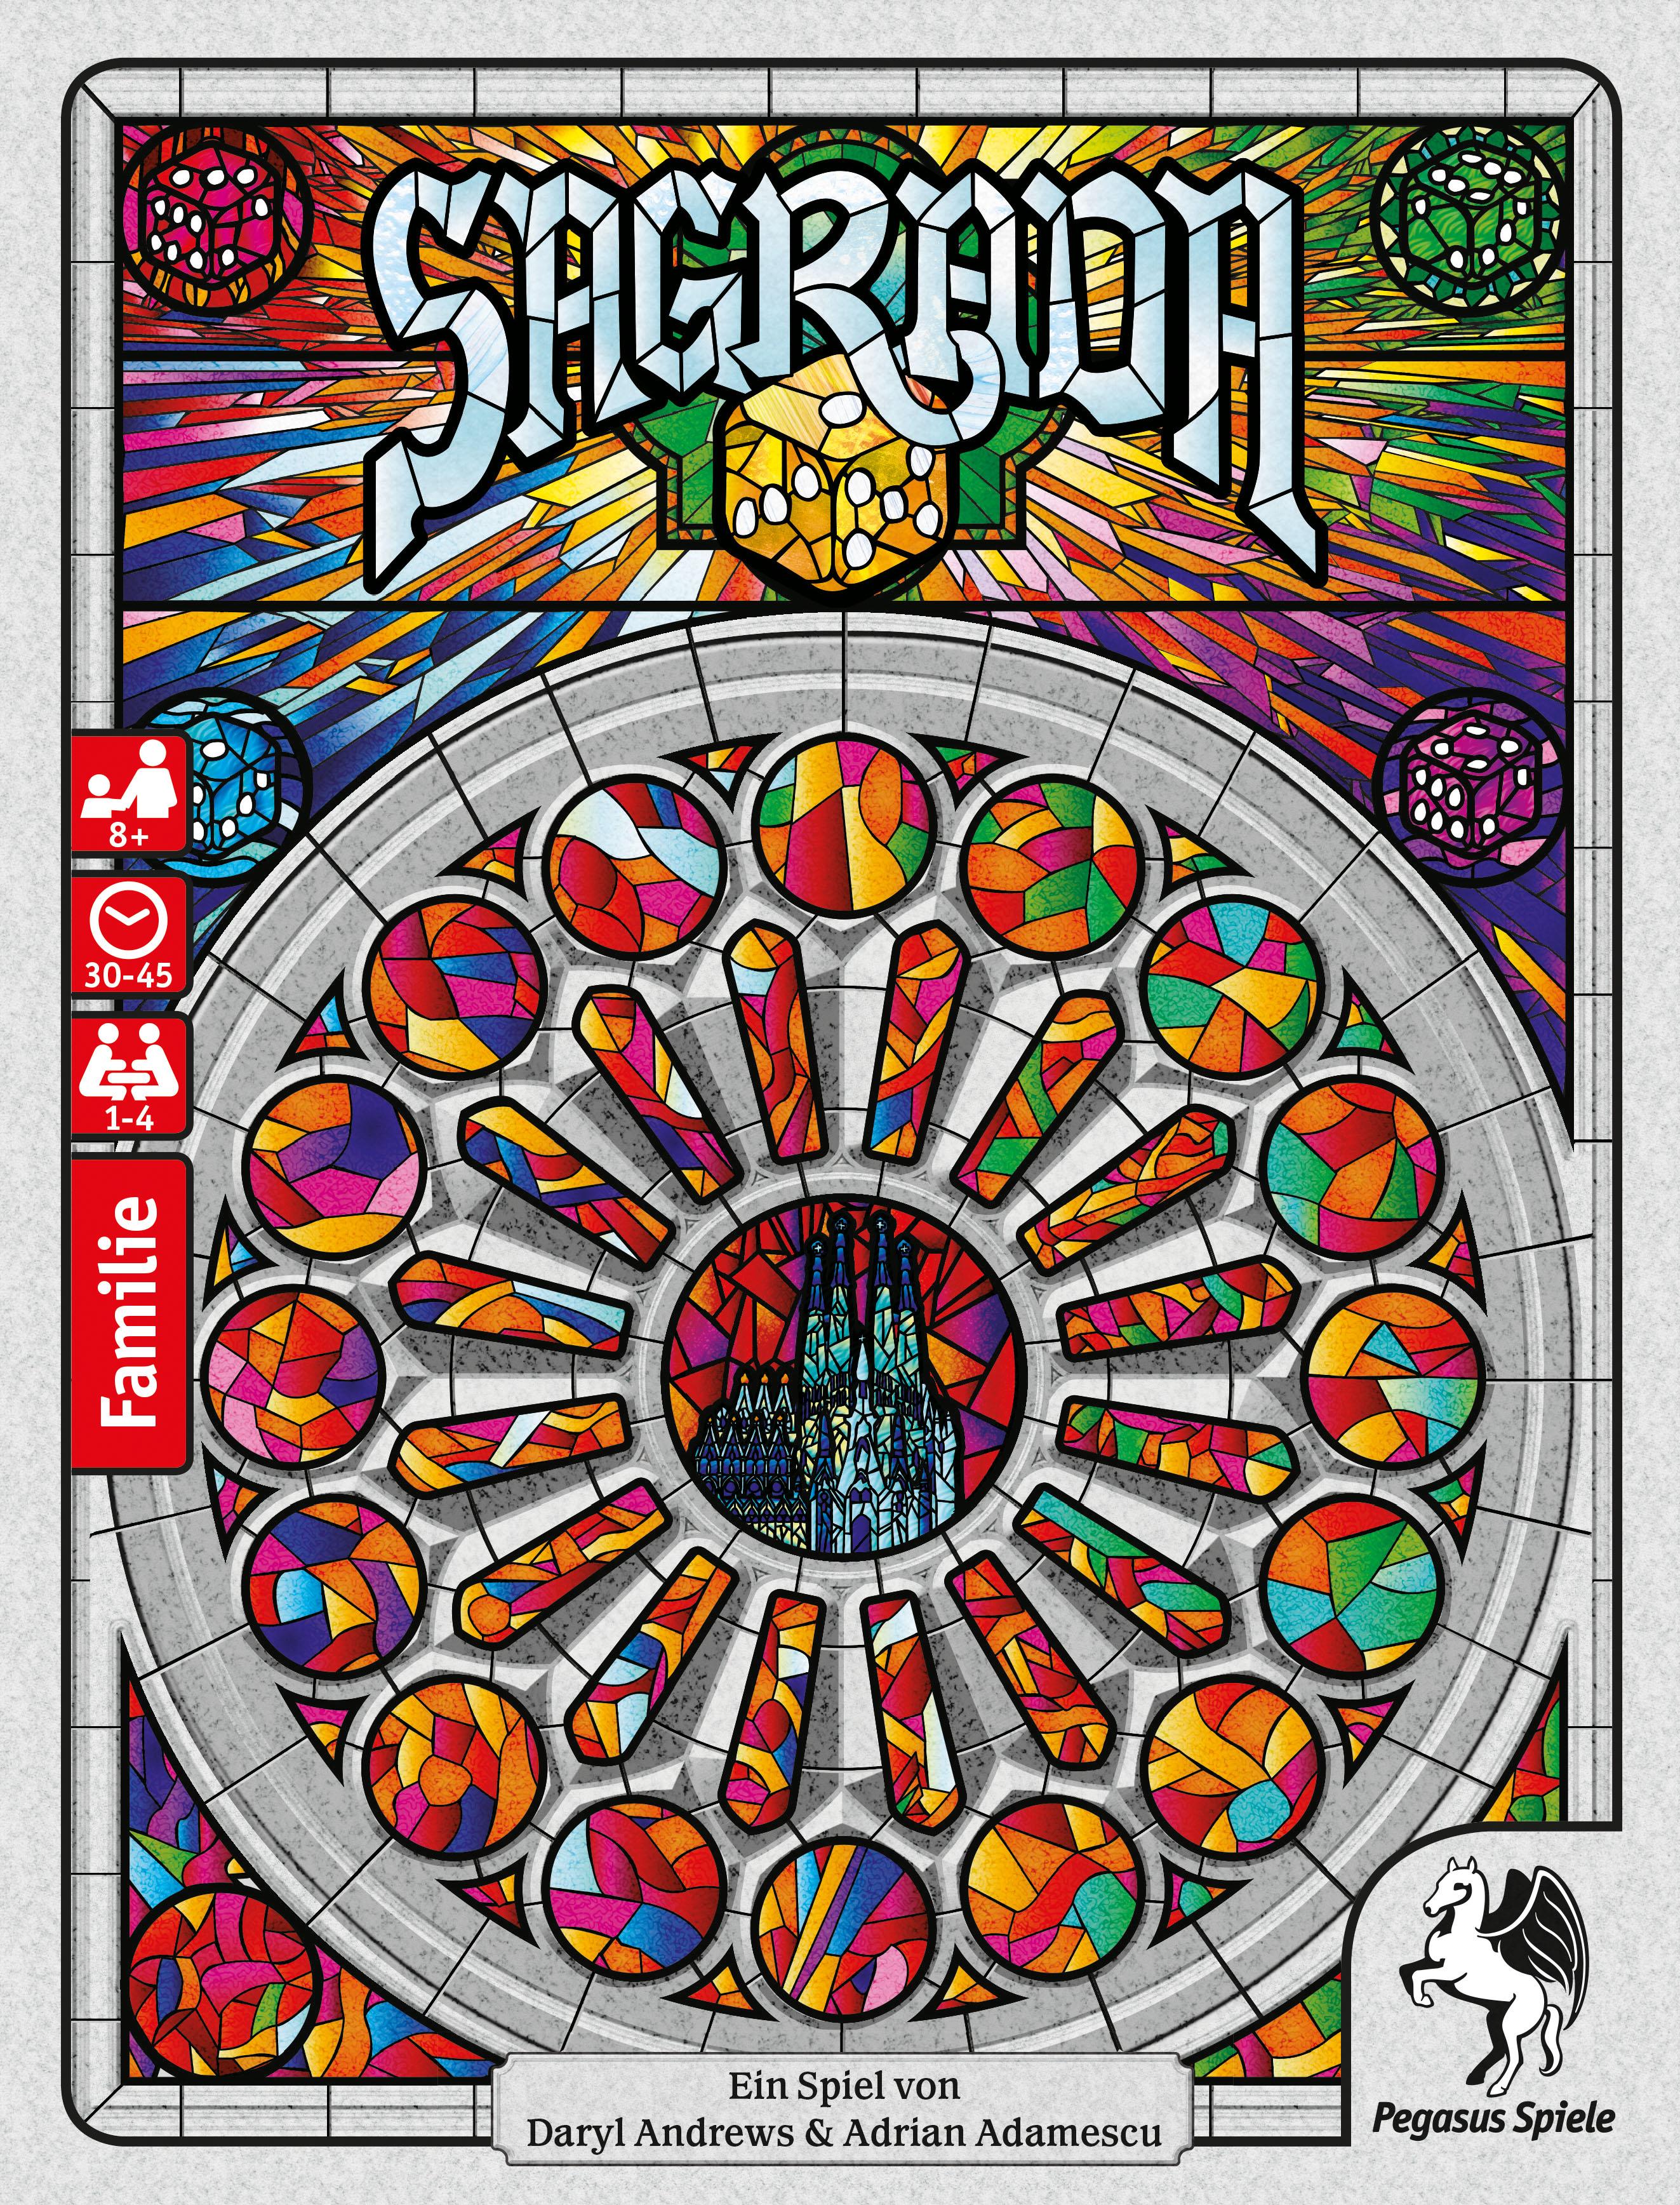 Bild von Sagrada erscheint bei Pegasus Spiele